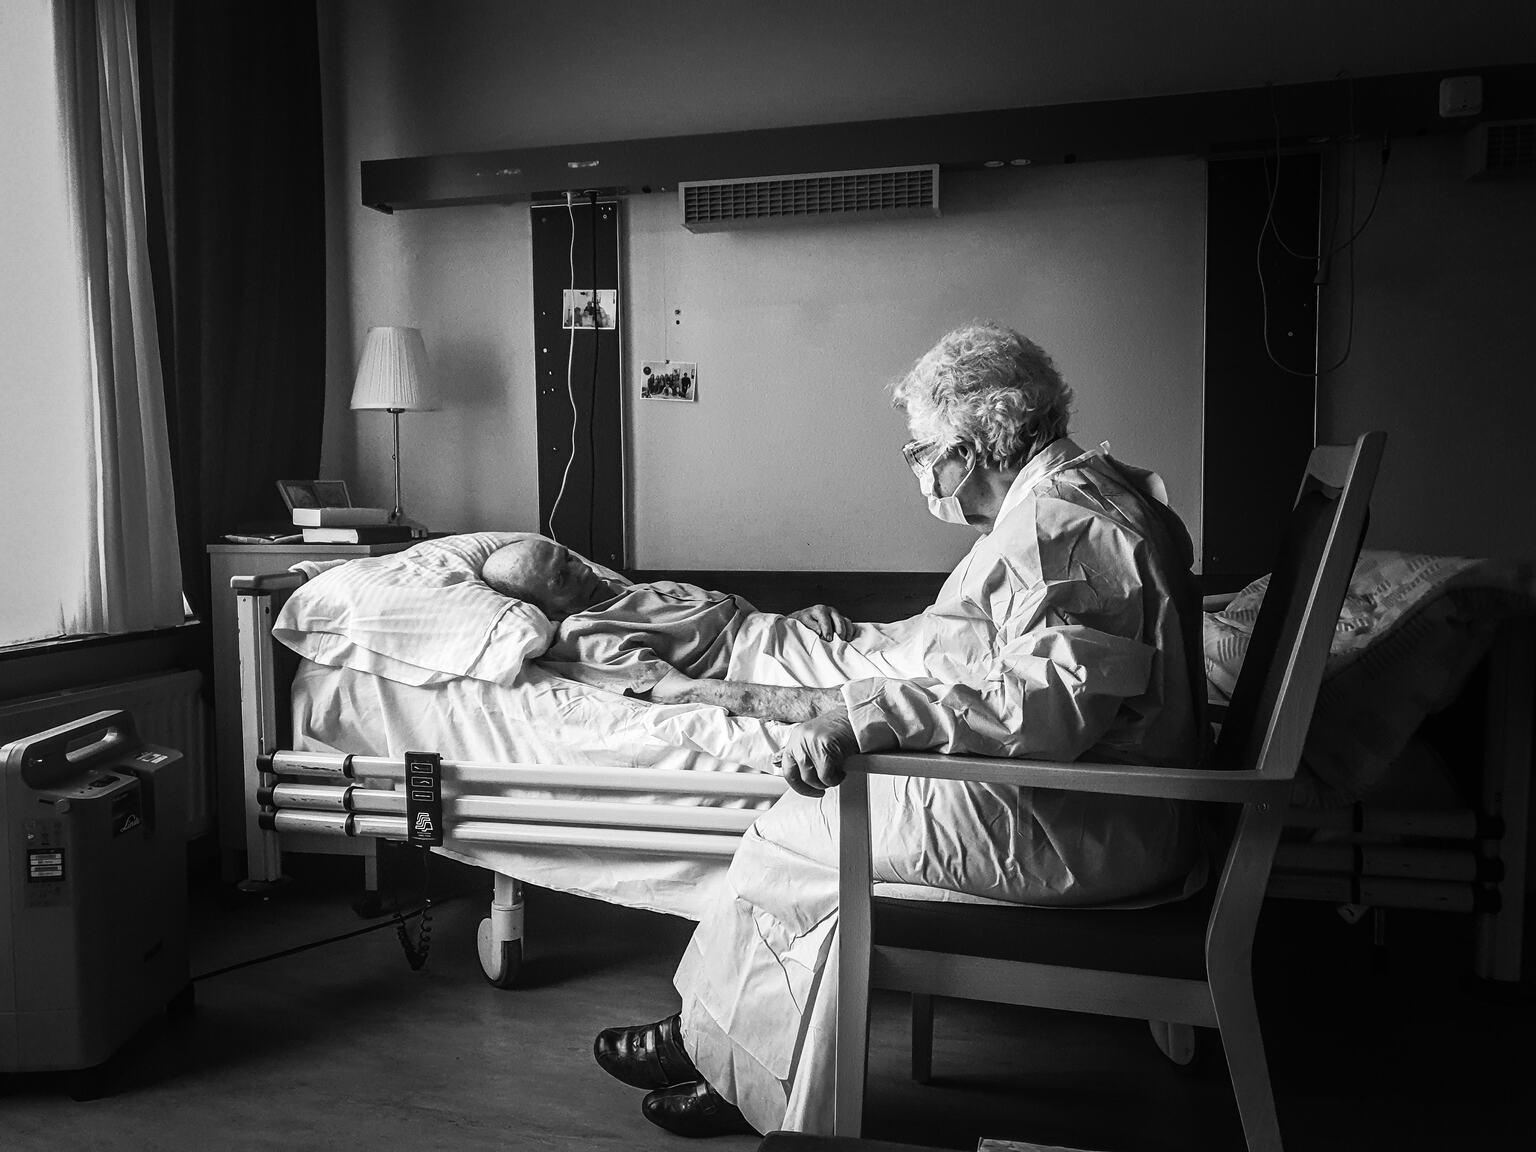 Pandemie-afscheid - Op deze foto staan 2 mensen die belangrijk voor mij zijn. Mijn stiefopa en mijn oma.  Mijn stiefopa woonde in een verzorgingshuis en heeft daar coron - foto door Brittk28 op 04-05-2021 - deze foto bevat: meubilair, comfort, zwart en wit, flitsfotografie, stijl, gordijn, monochroom, monochrome fotografie, tinten en schakeringen, fotolijst